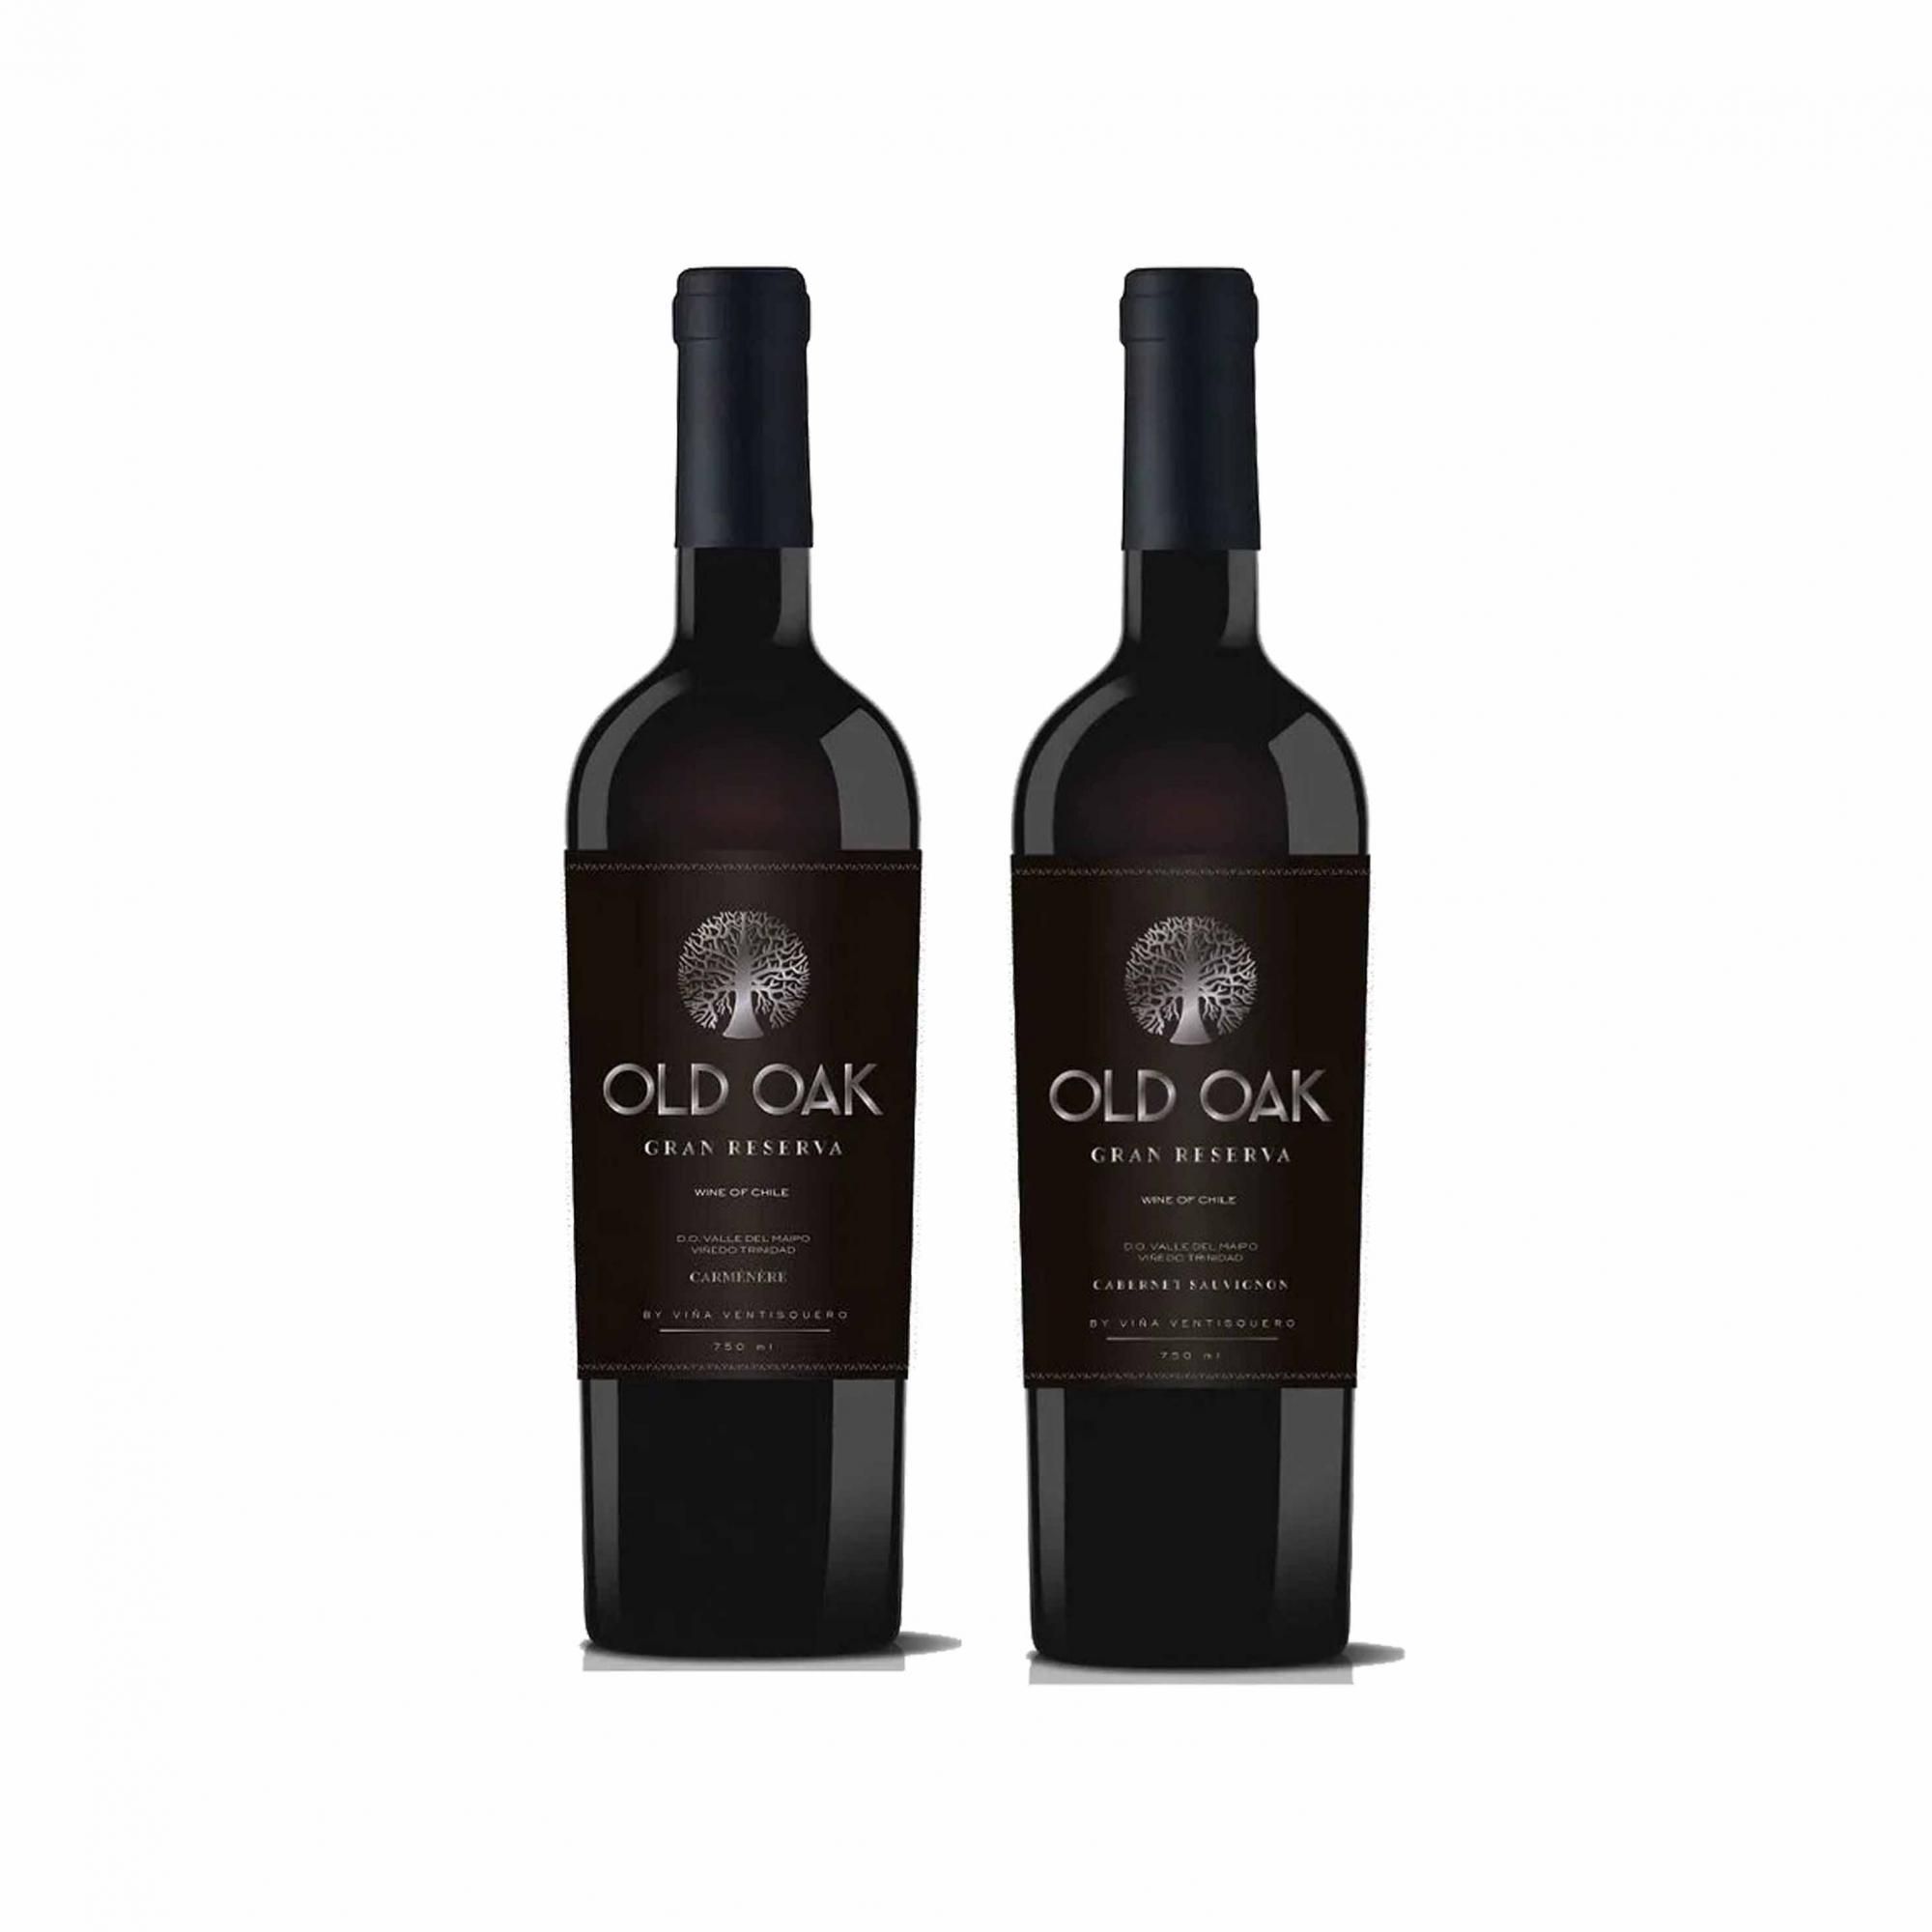 Kit 2x Vinho Tinto Chileno Old Oak Gran Reserve Cabernet Sauvignon/Carmenere 2018